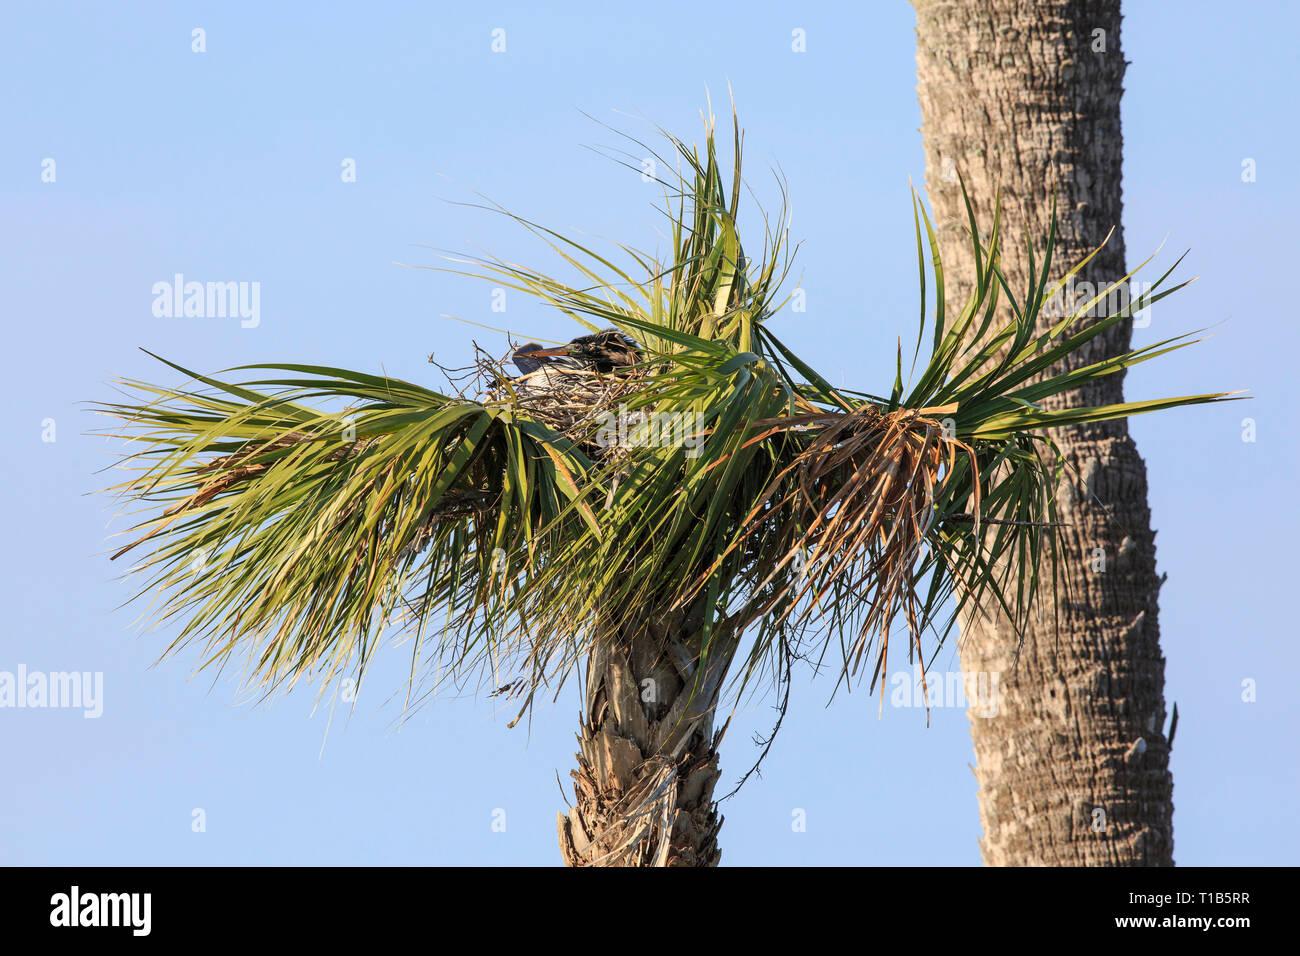 Anhinga (Anhinga anhinga) at nest in palm tree. - Stock Image